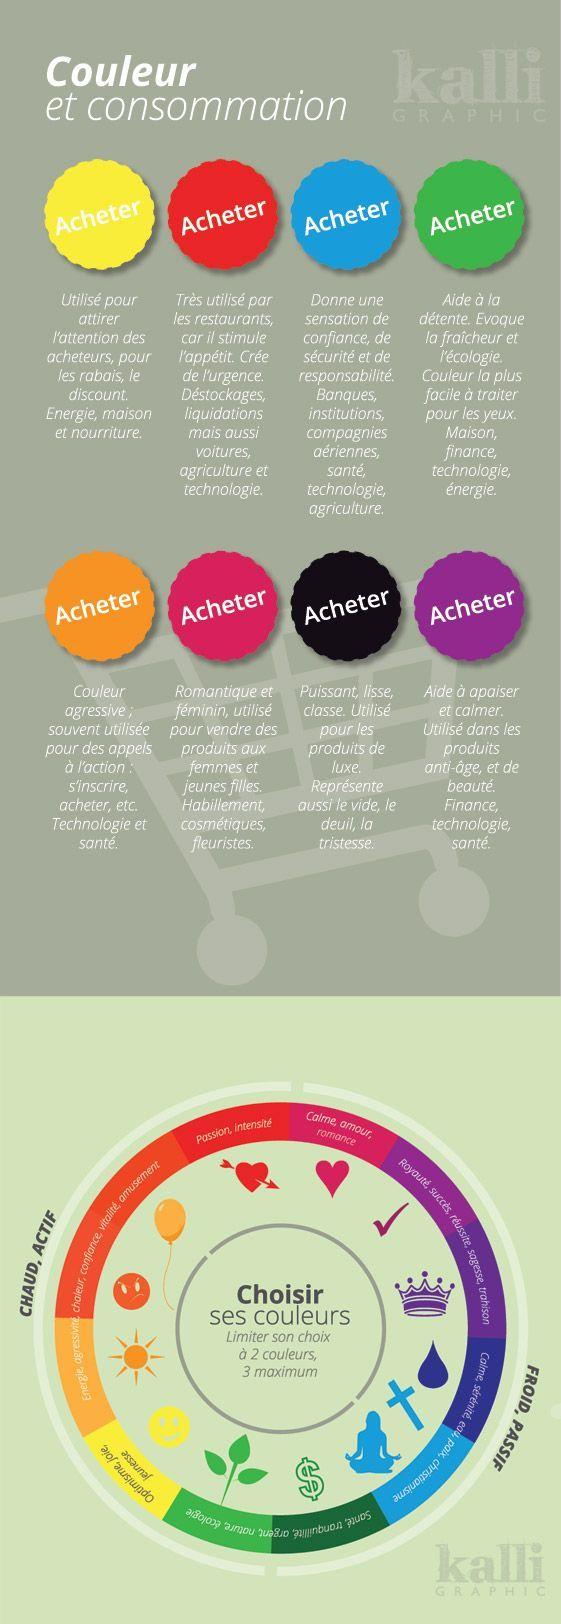 Psychology Infographic And Charts Quelles Couleurs Choisir Symbolique Et Marketing Kalli Graphic F Graphisme Design Business Infographic Design Graphique